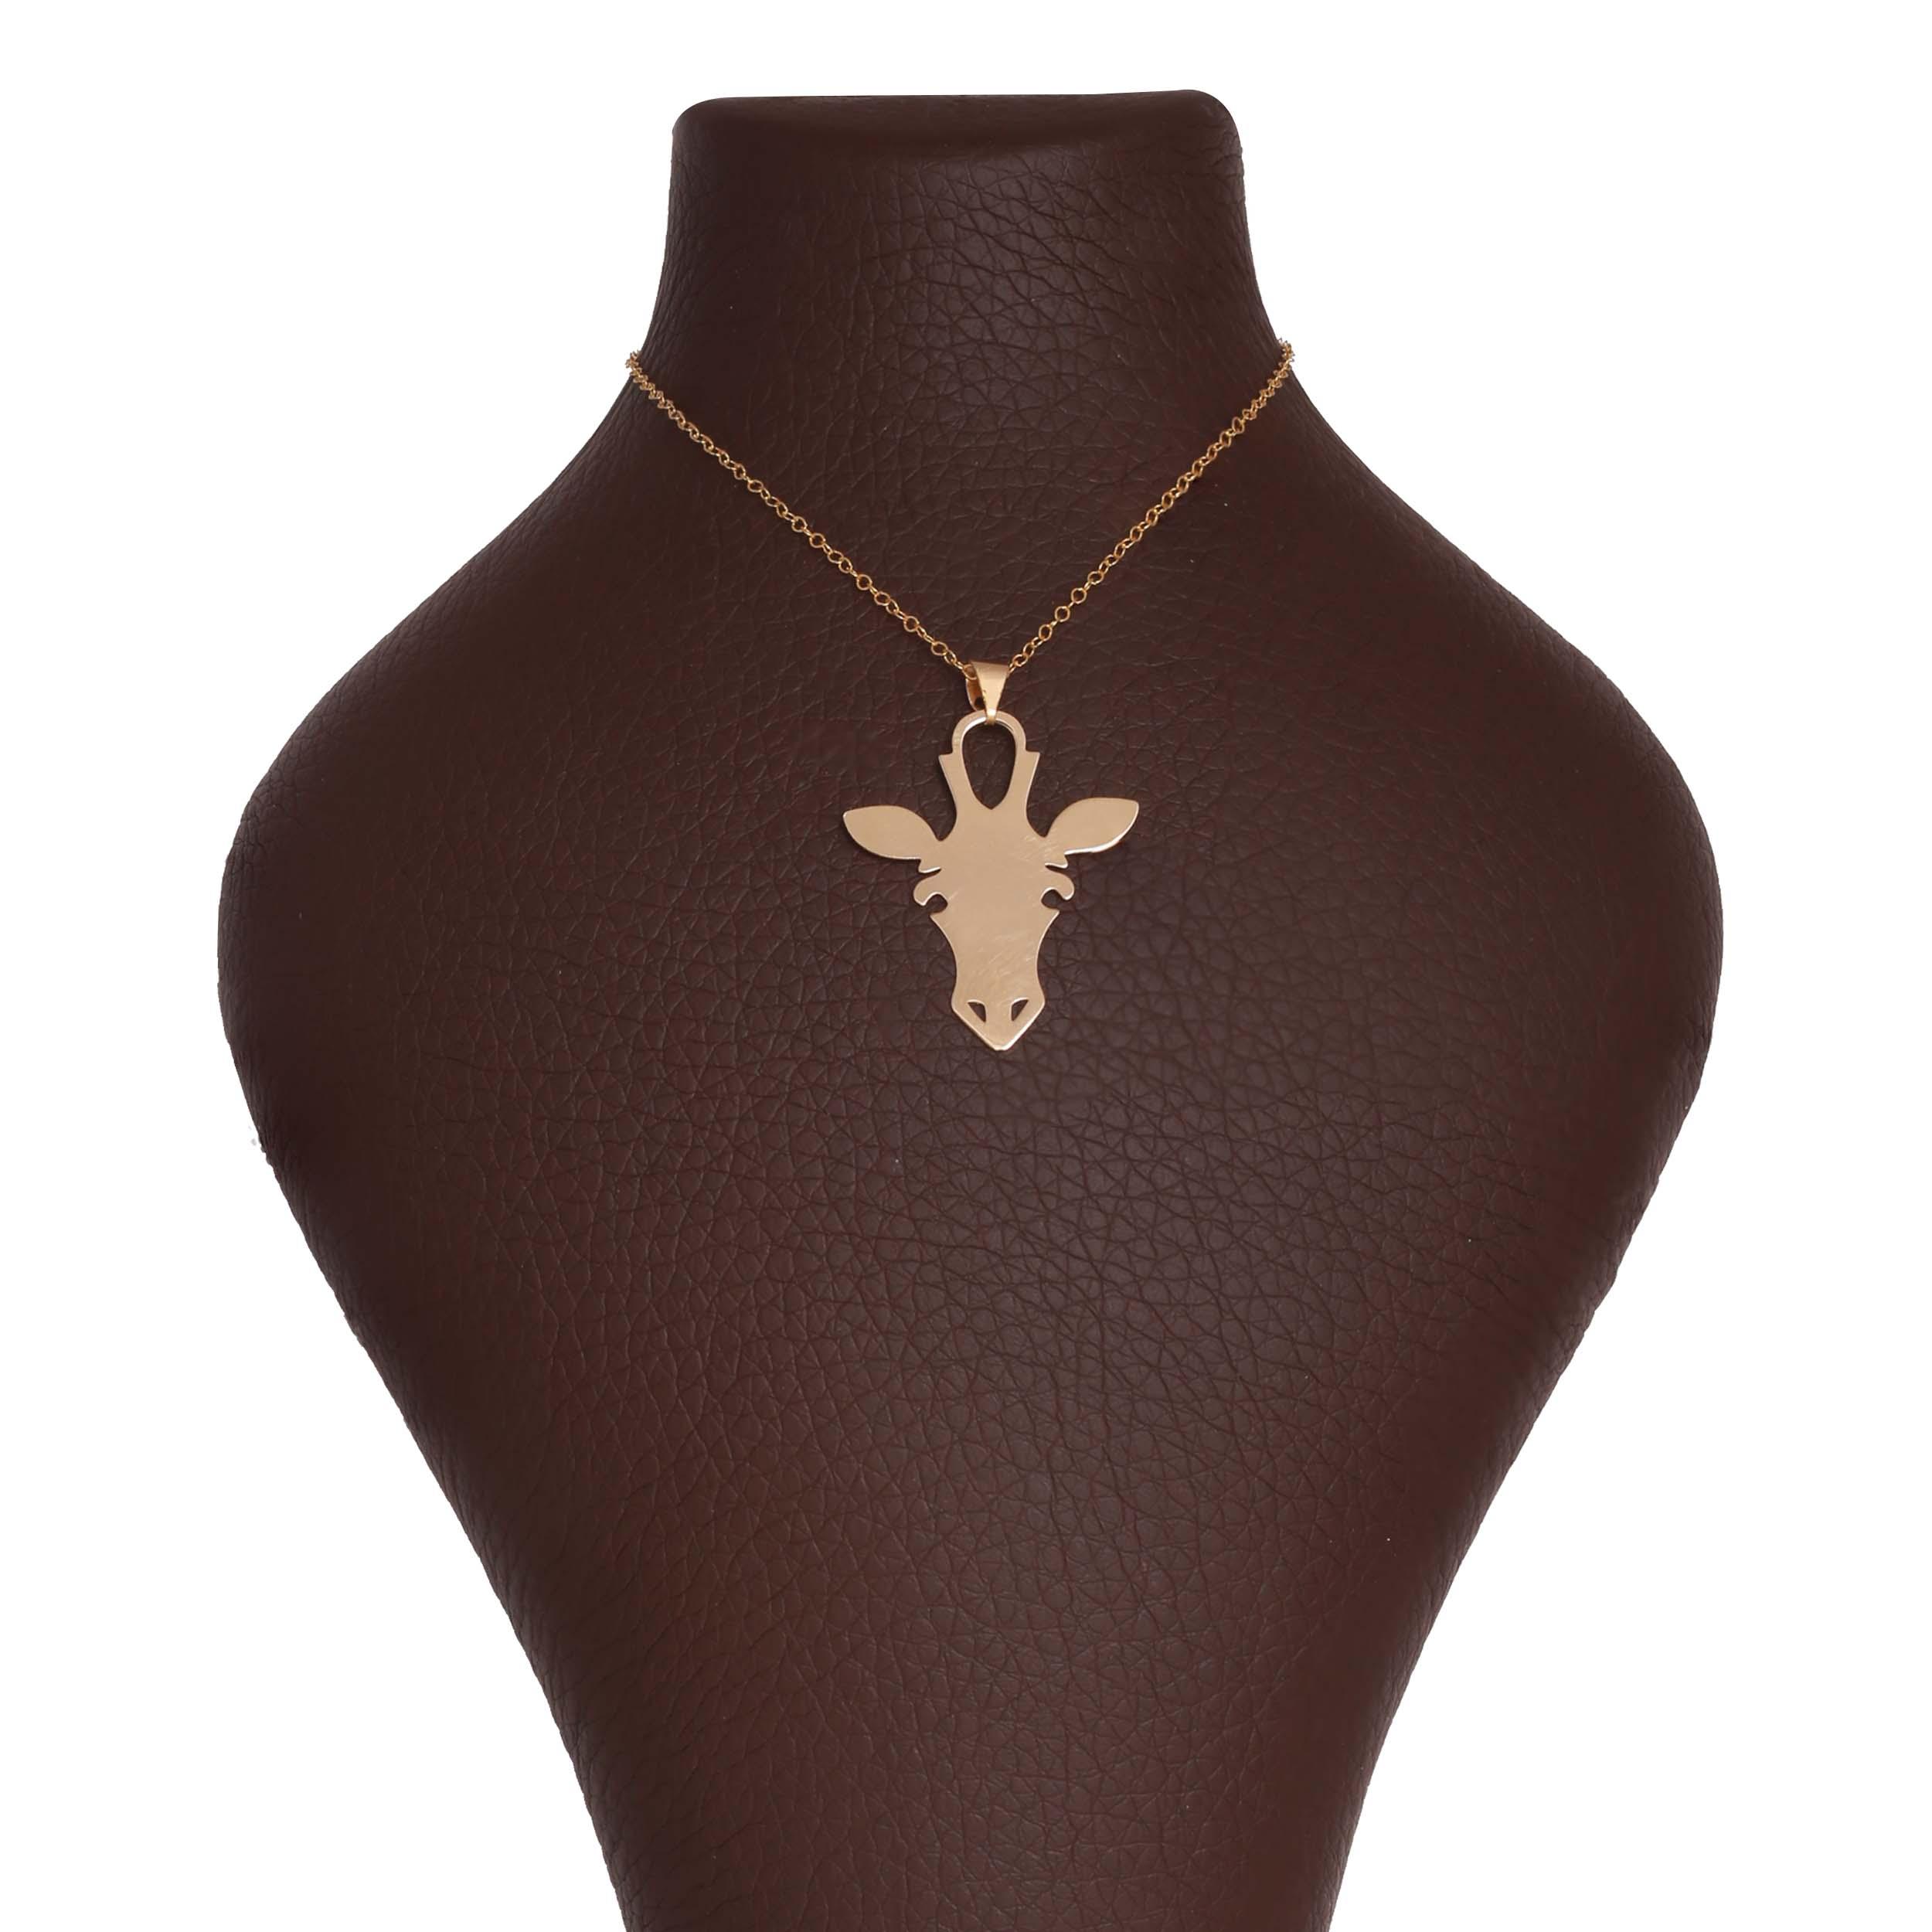 گردنبند طلا 18 عیار زنانه آمانژ طرح زرافه کد 1141D9065